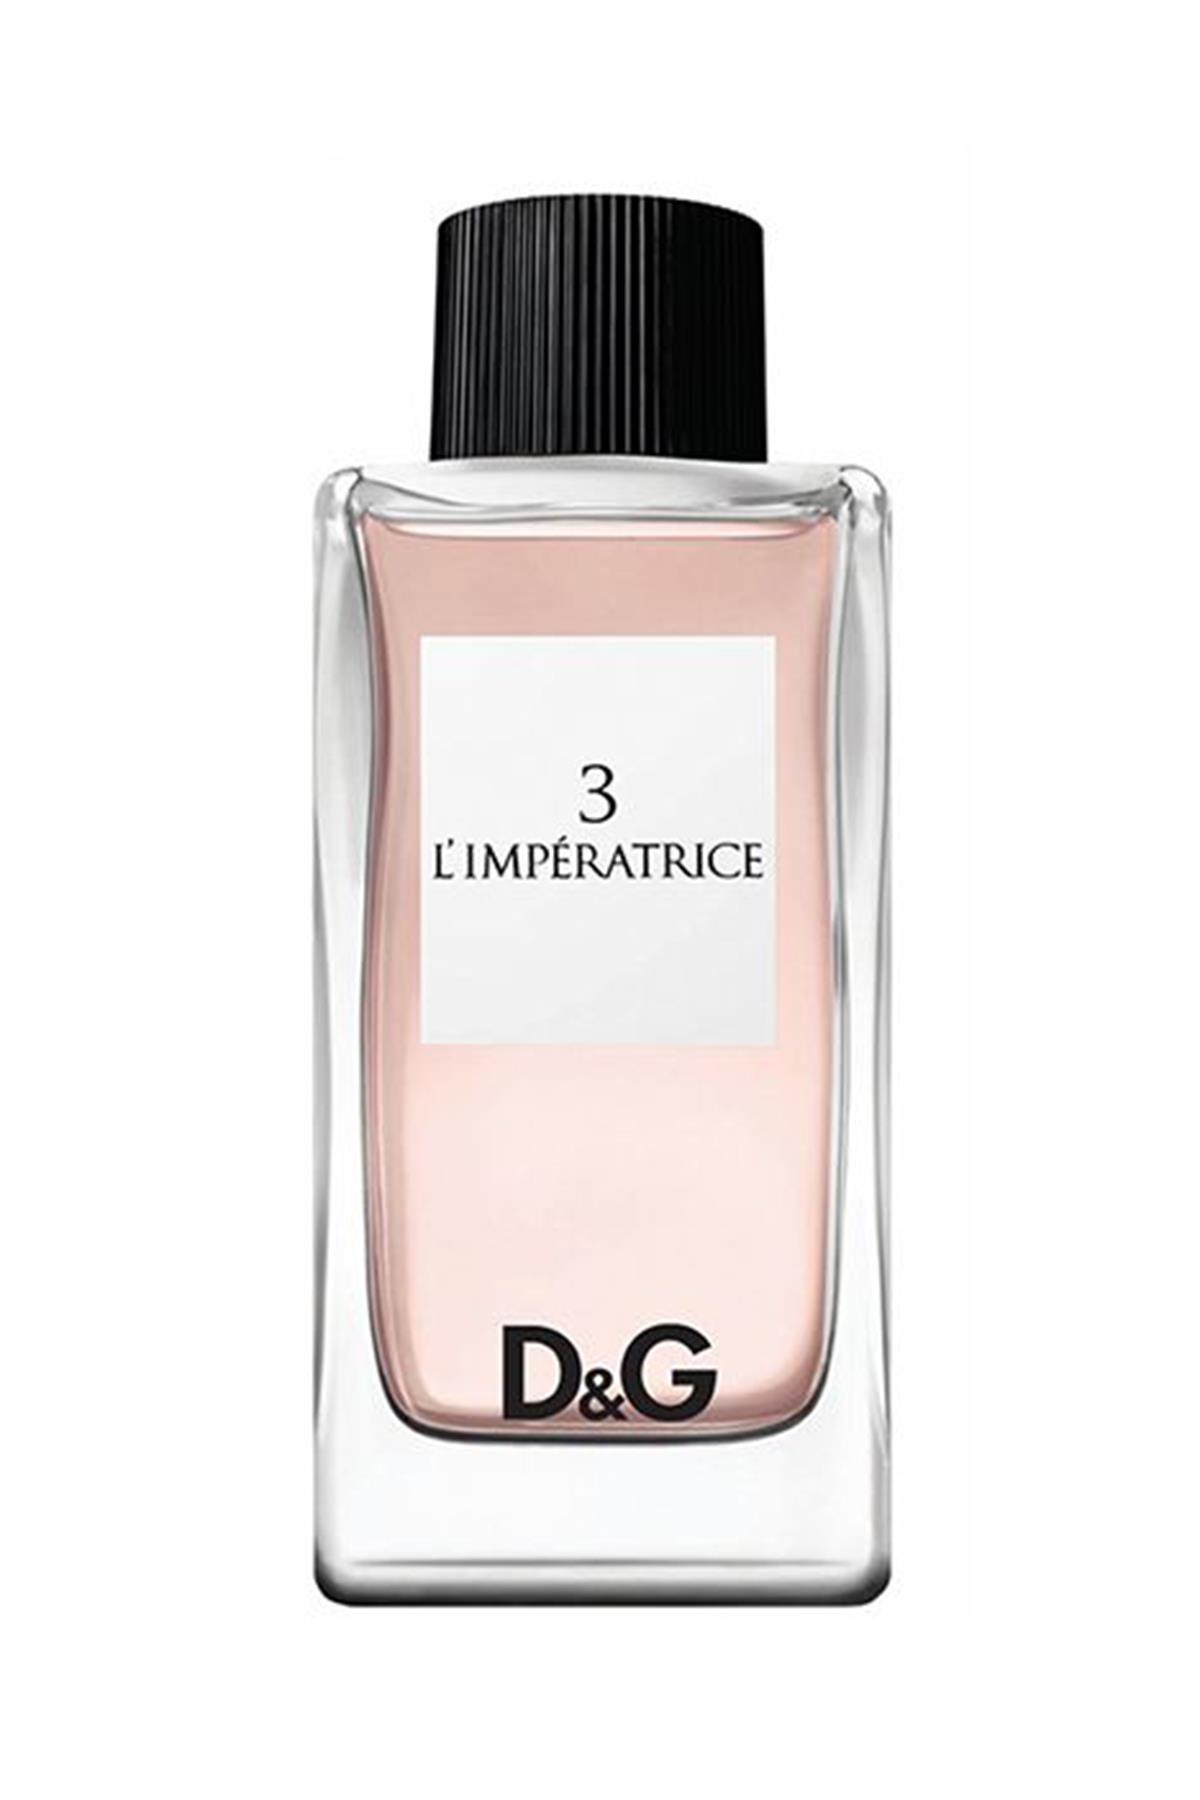 Dolce Gabbana L'Imperatrice 3 EDT 100 ml Kadın Parfüm